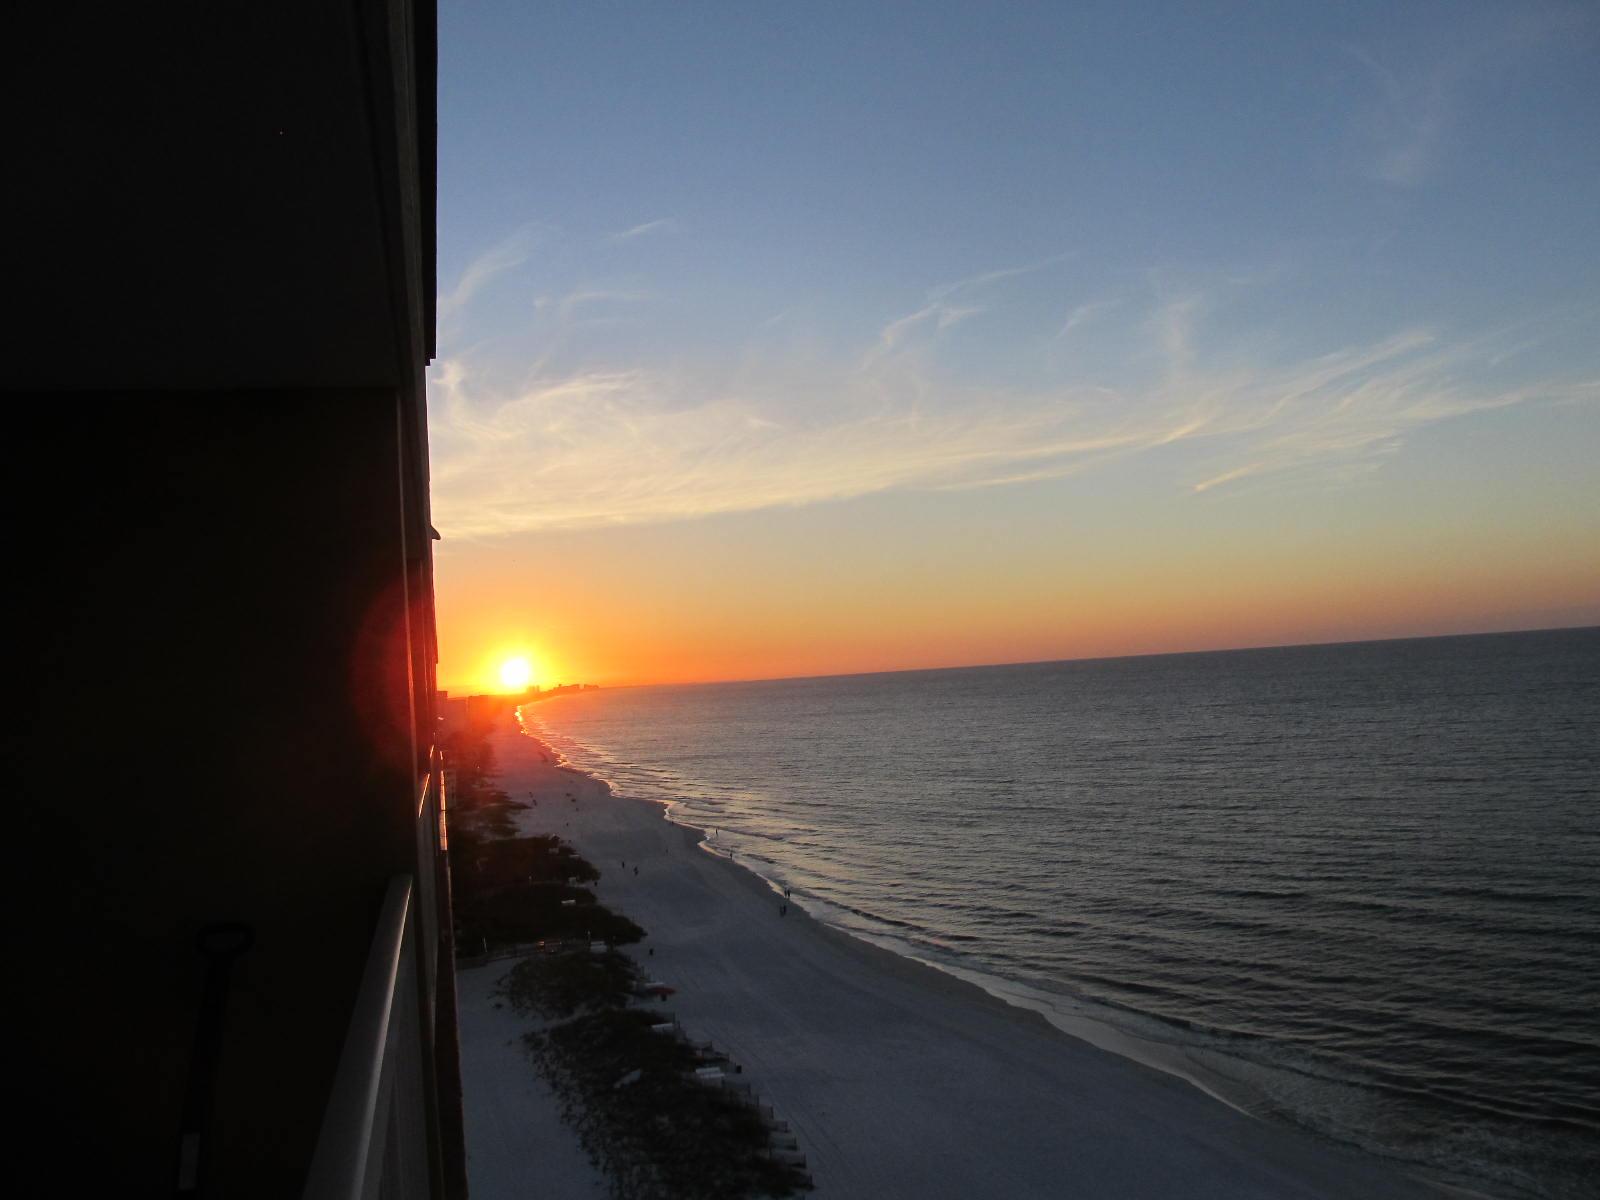 Sunrise in Destin